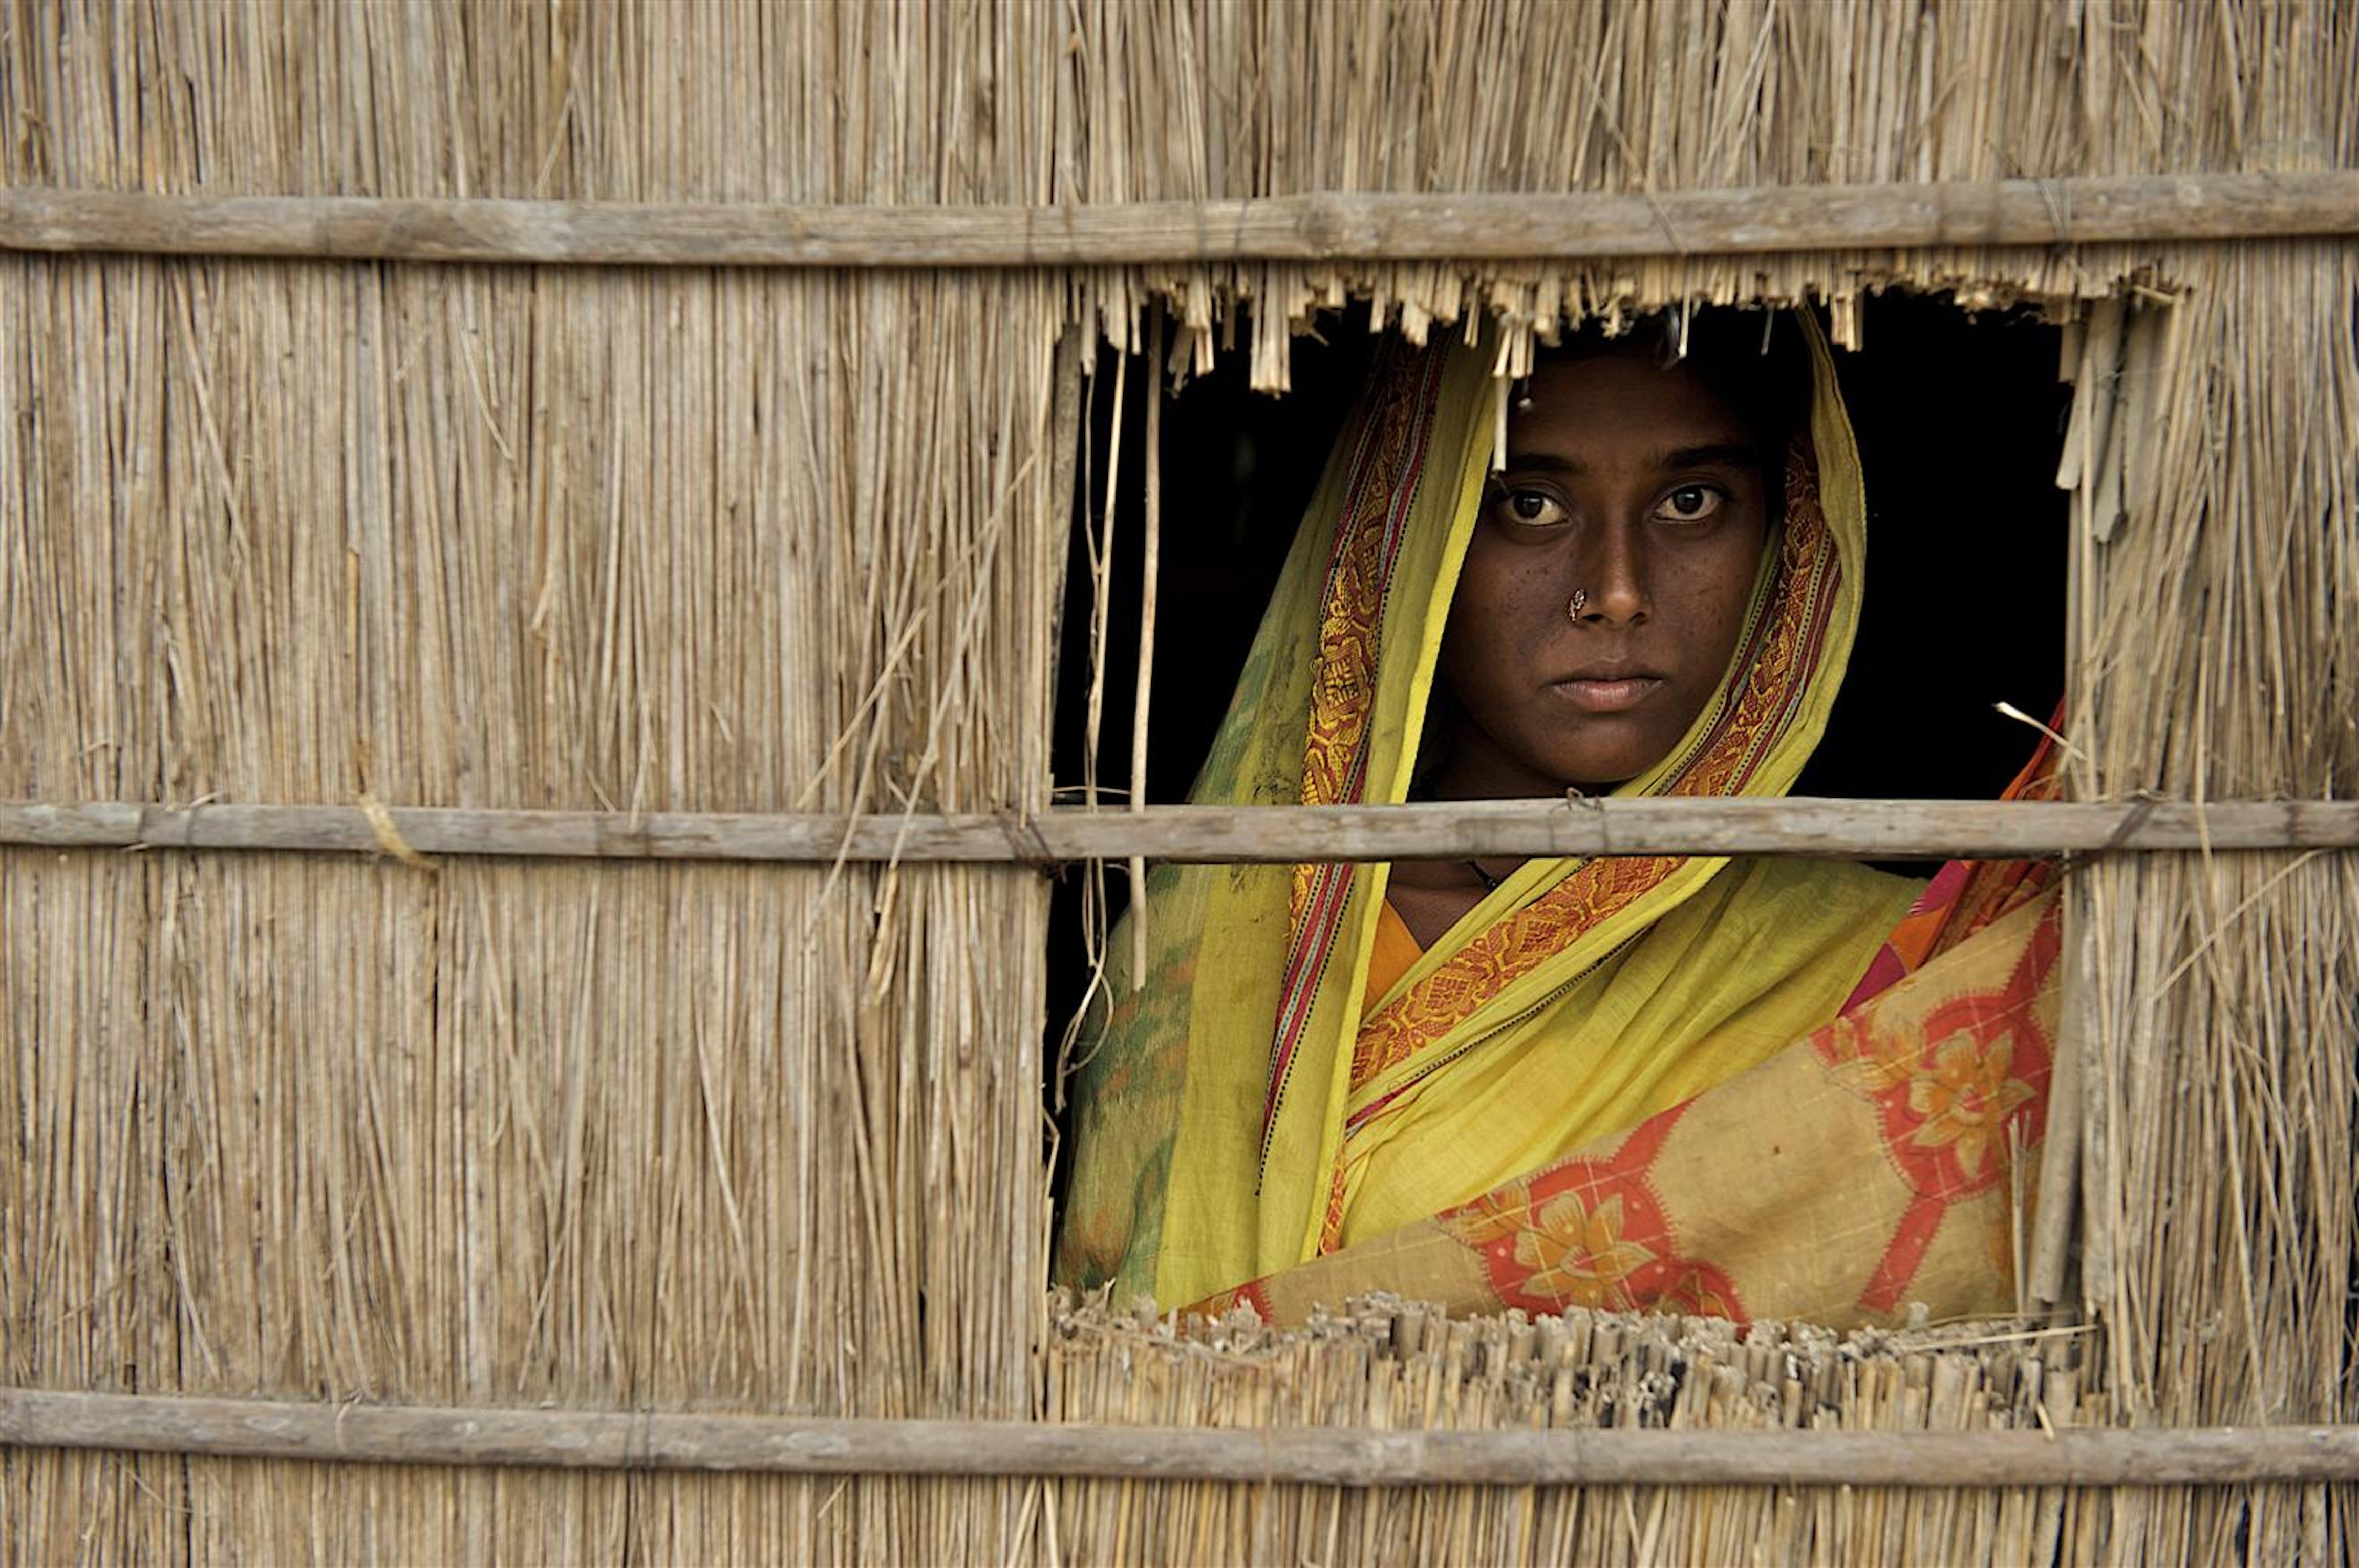 China, 15 anni, nella sua casa di Uttar Bollar Hat (Bangladesh). Sposa a 12 anni, è incinta del primo figlio. In questa regione, i genitori tendono a far sposare le figlie in età più precoce per risparmiare sulla dote -  ©UNICEF/NYHQ2009-2593/Noorani